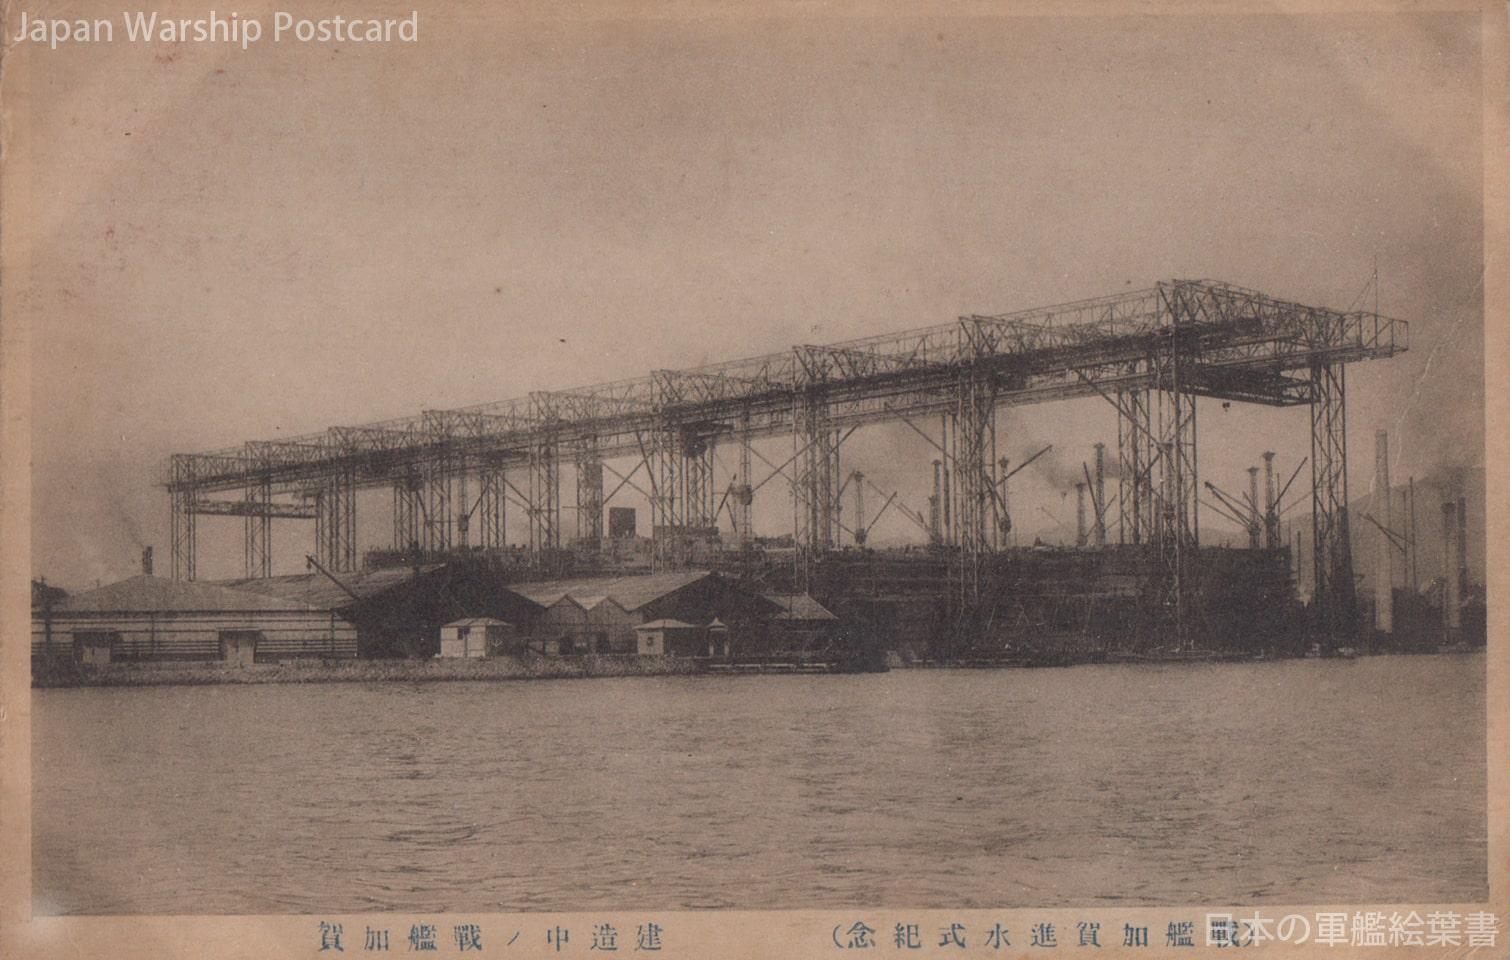 建造中ノ戦艦加賀(戦艦加賀進水式記念)